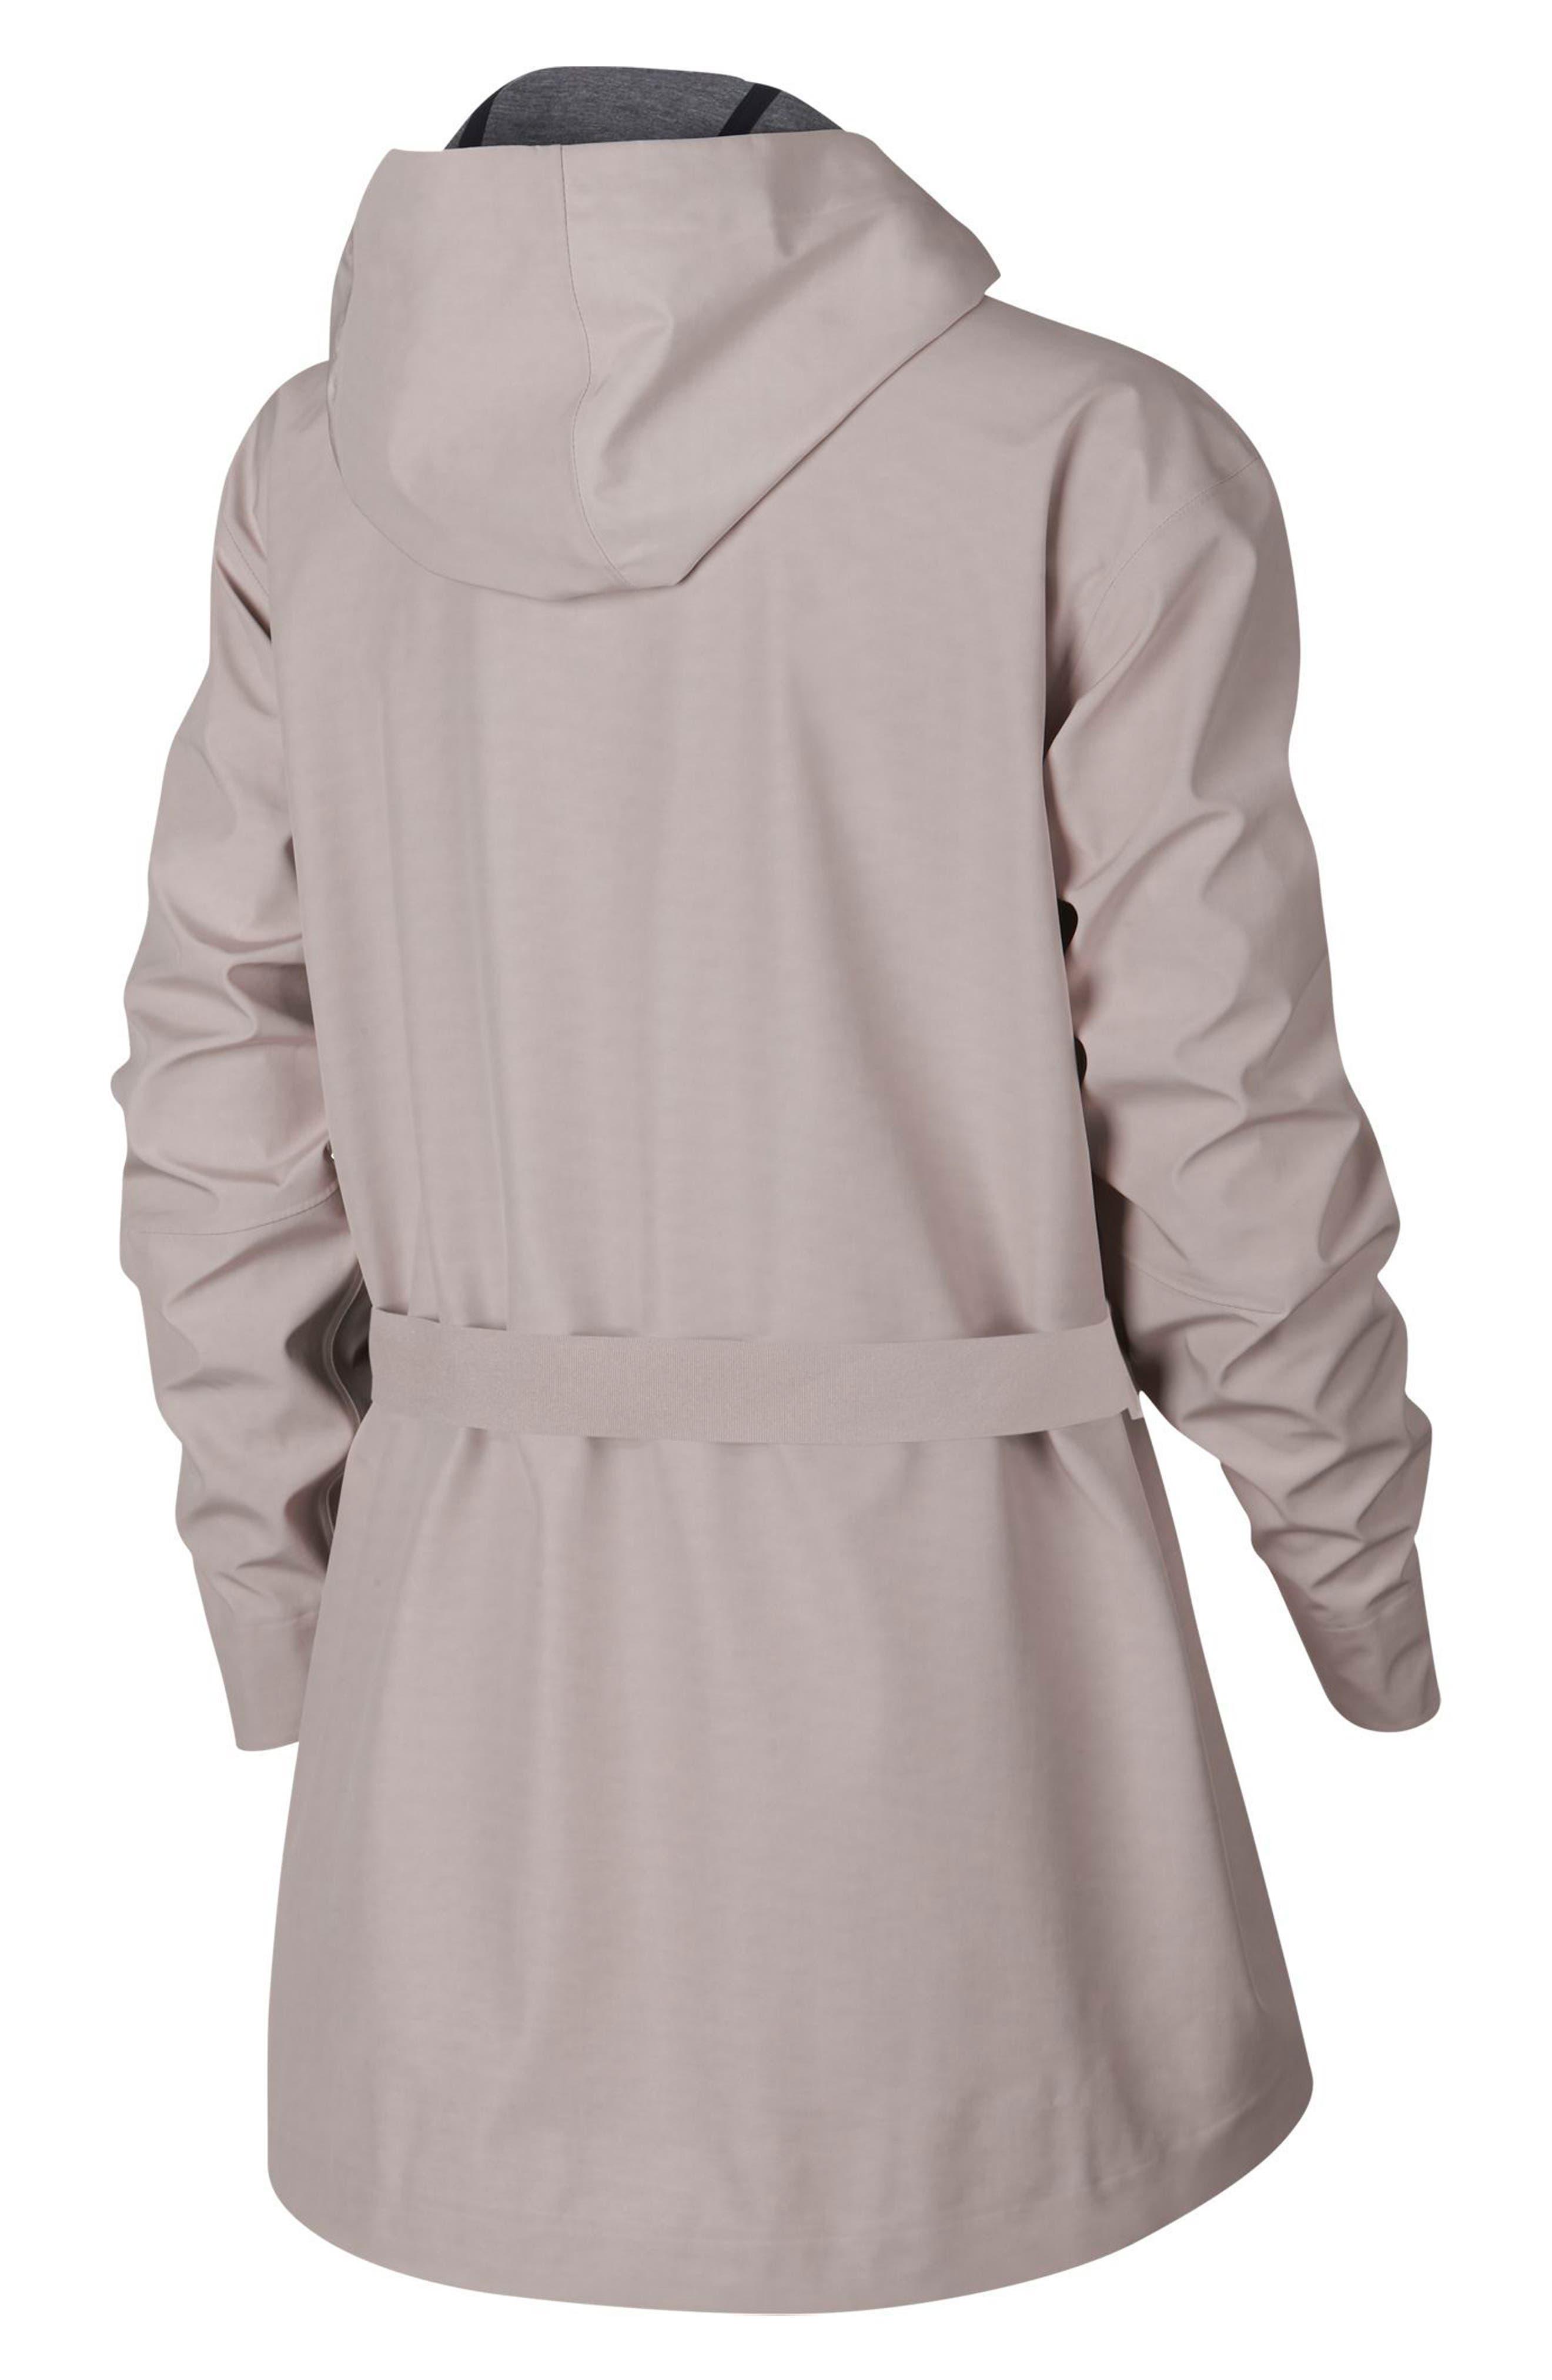 Sportswear Women's Tech Jacket,                             Alternate thumbnail 7, color,                             684